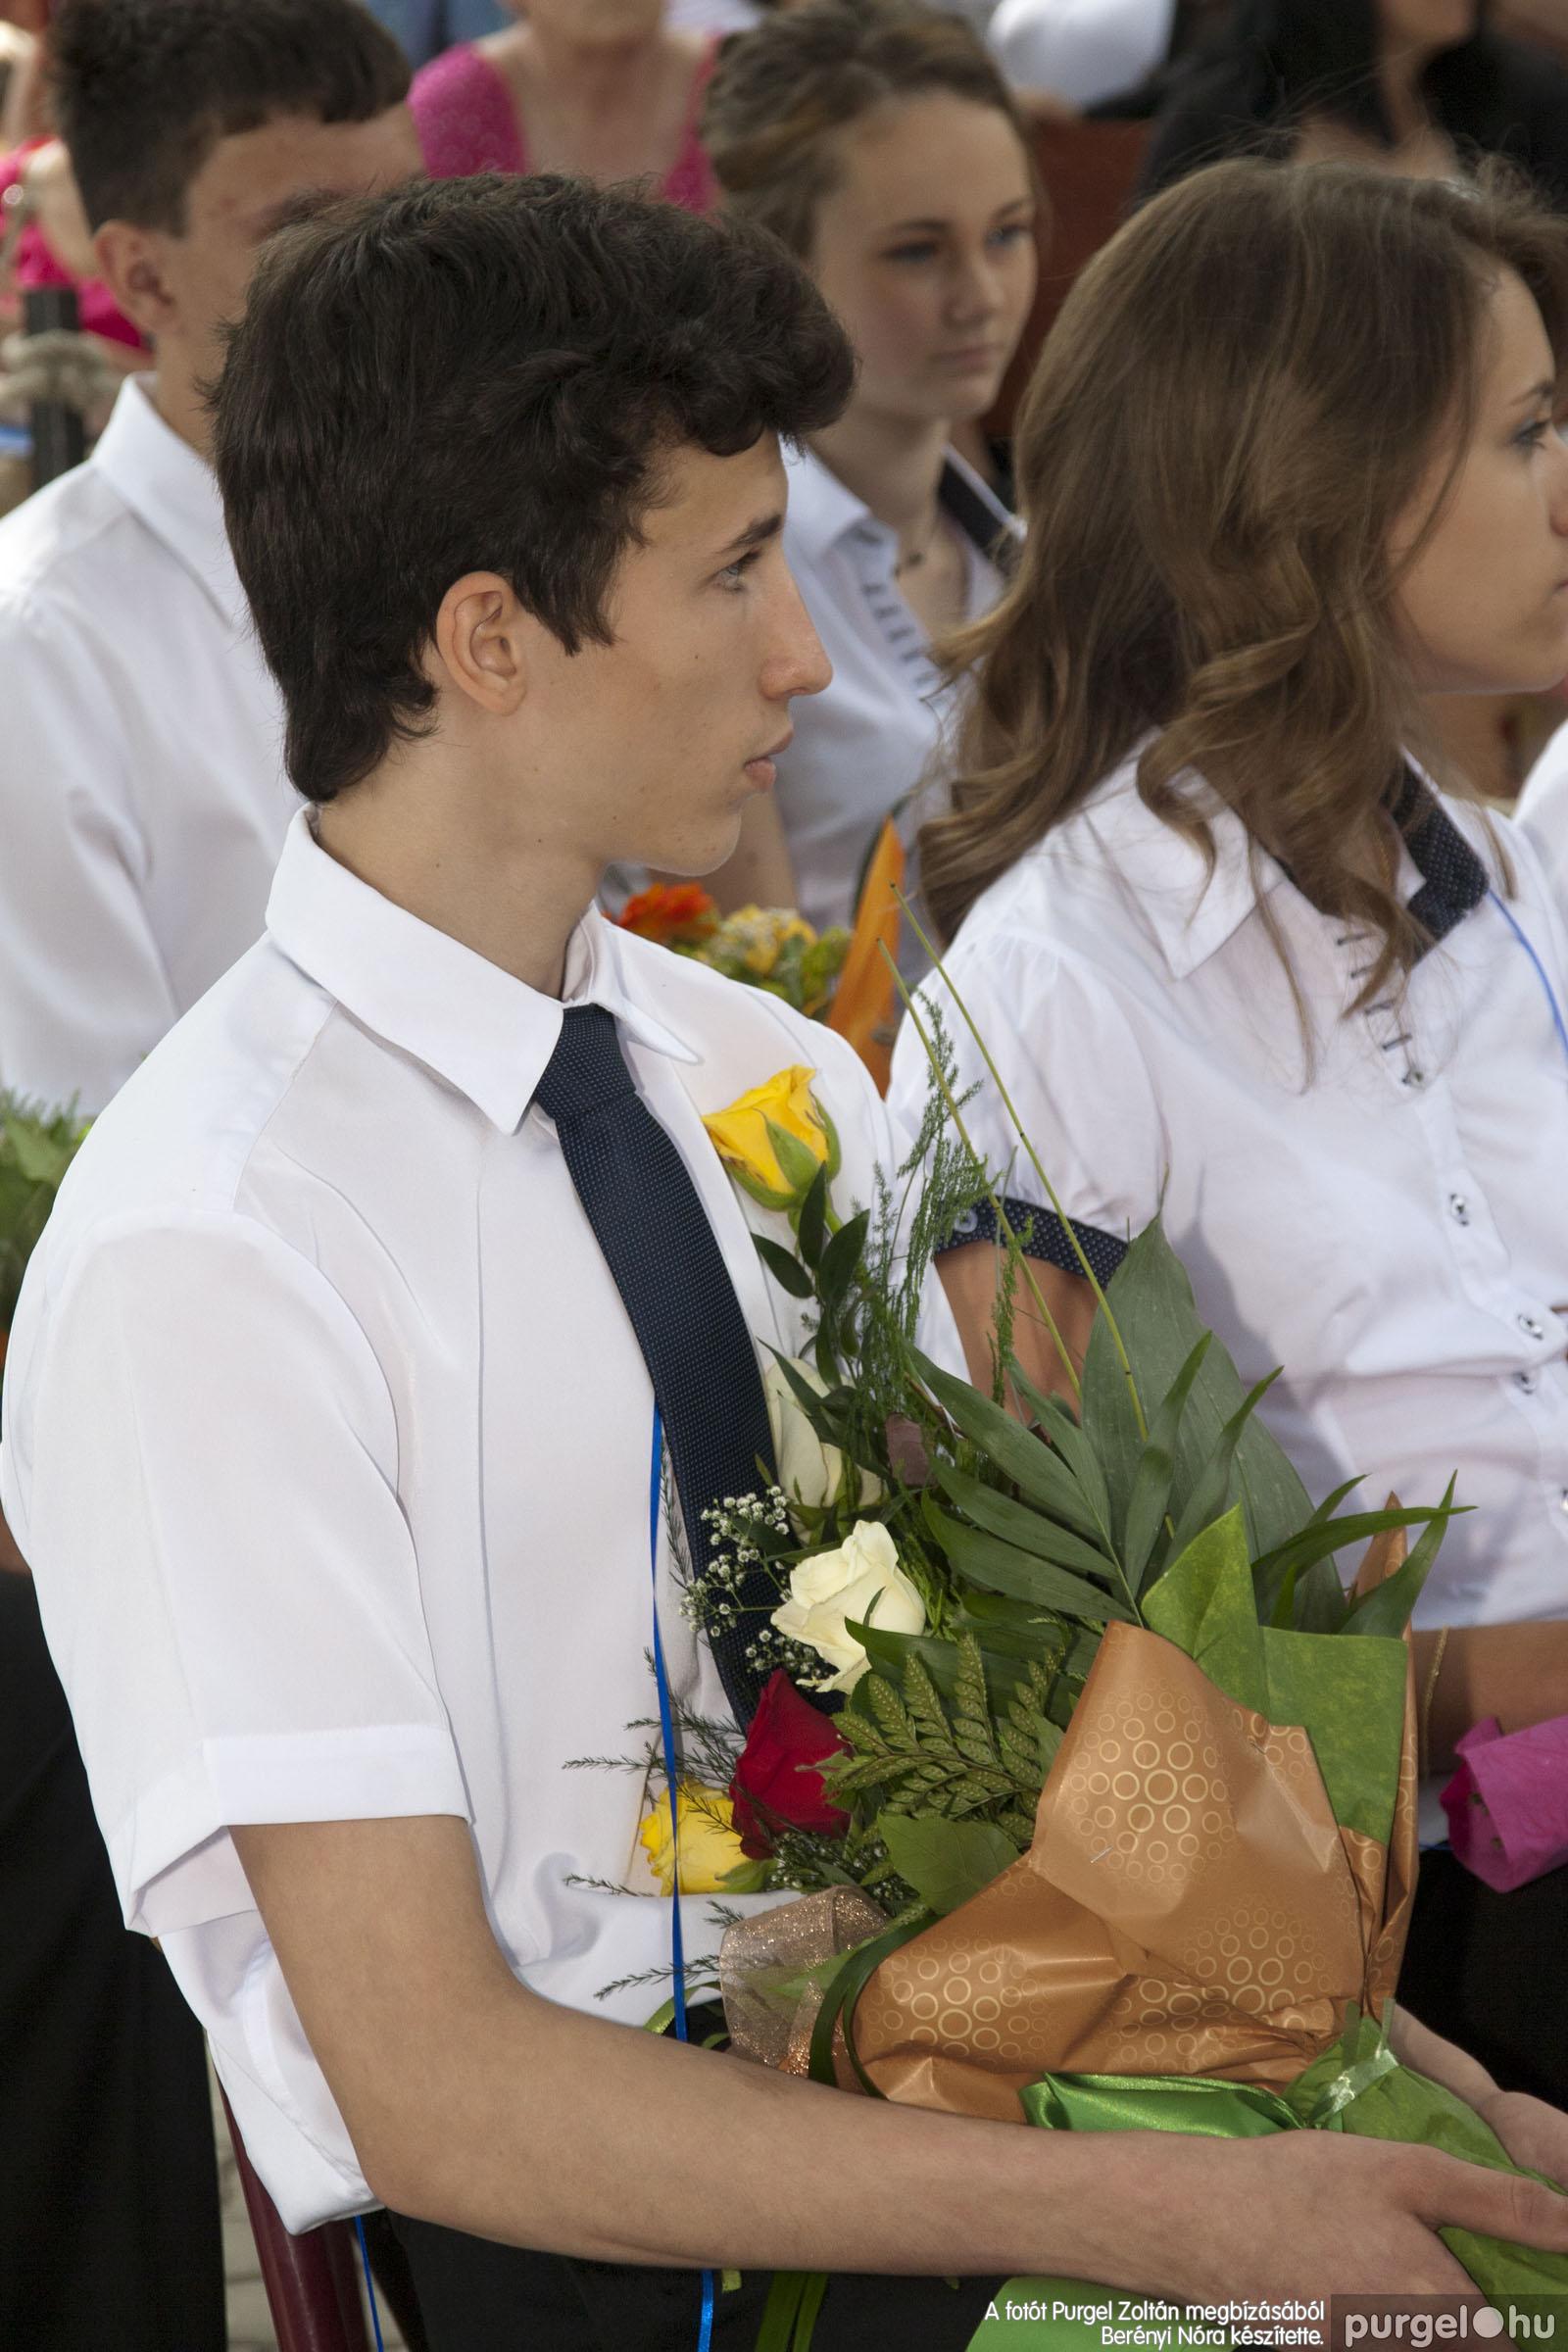 2014.06.14. 240 Forray Máté Általános Iskola ballagás 2014. - Fotó:BERÉNYI NÓRA© _MG_5902.jpg